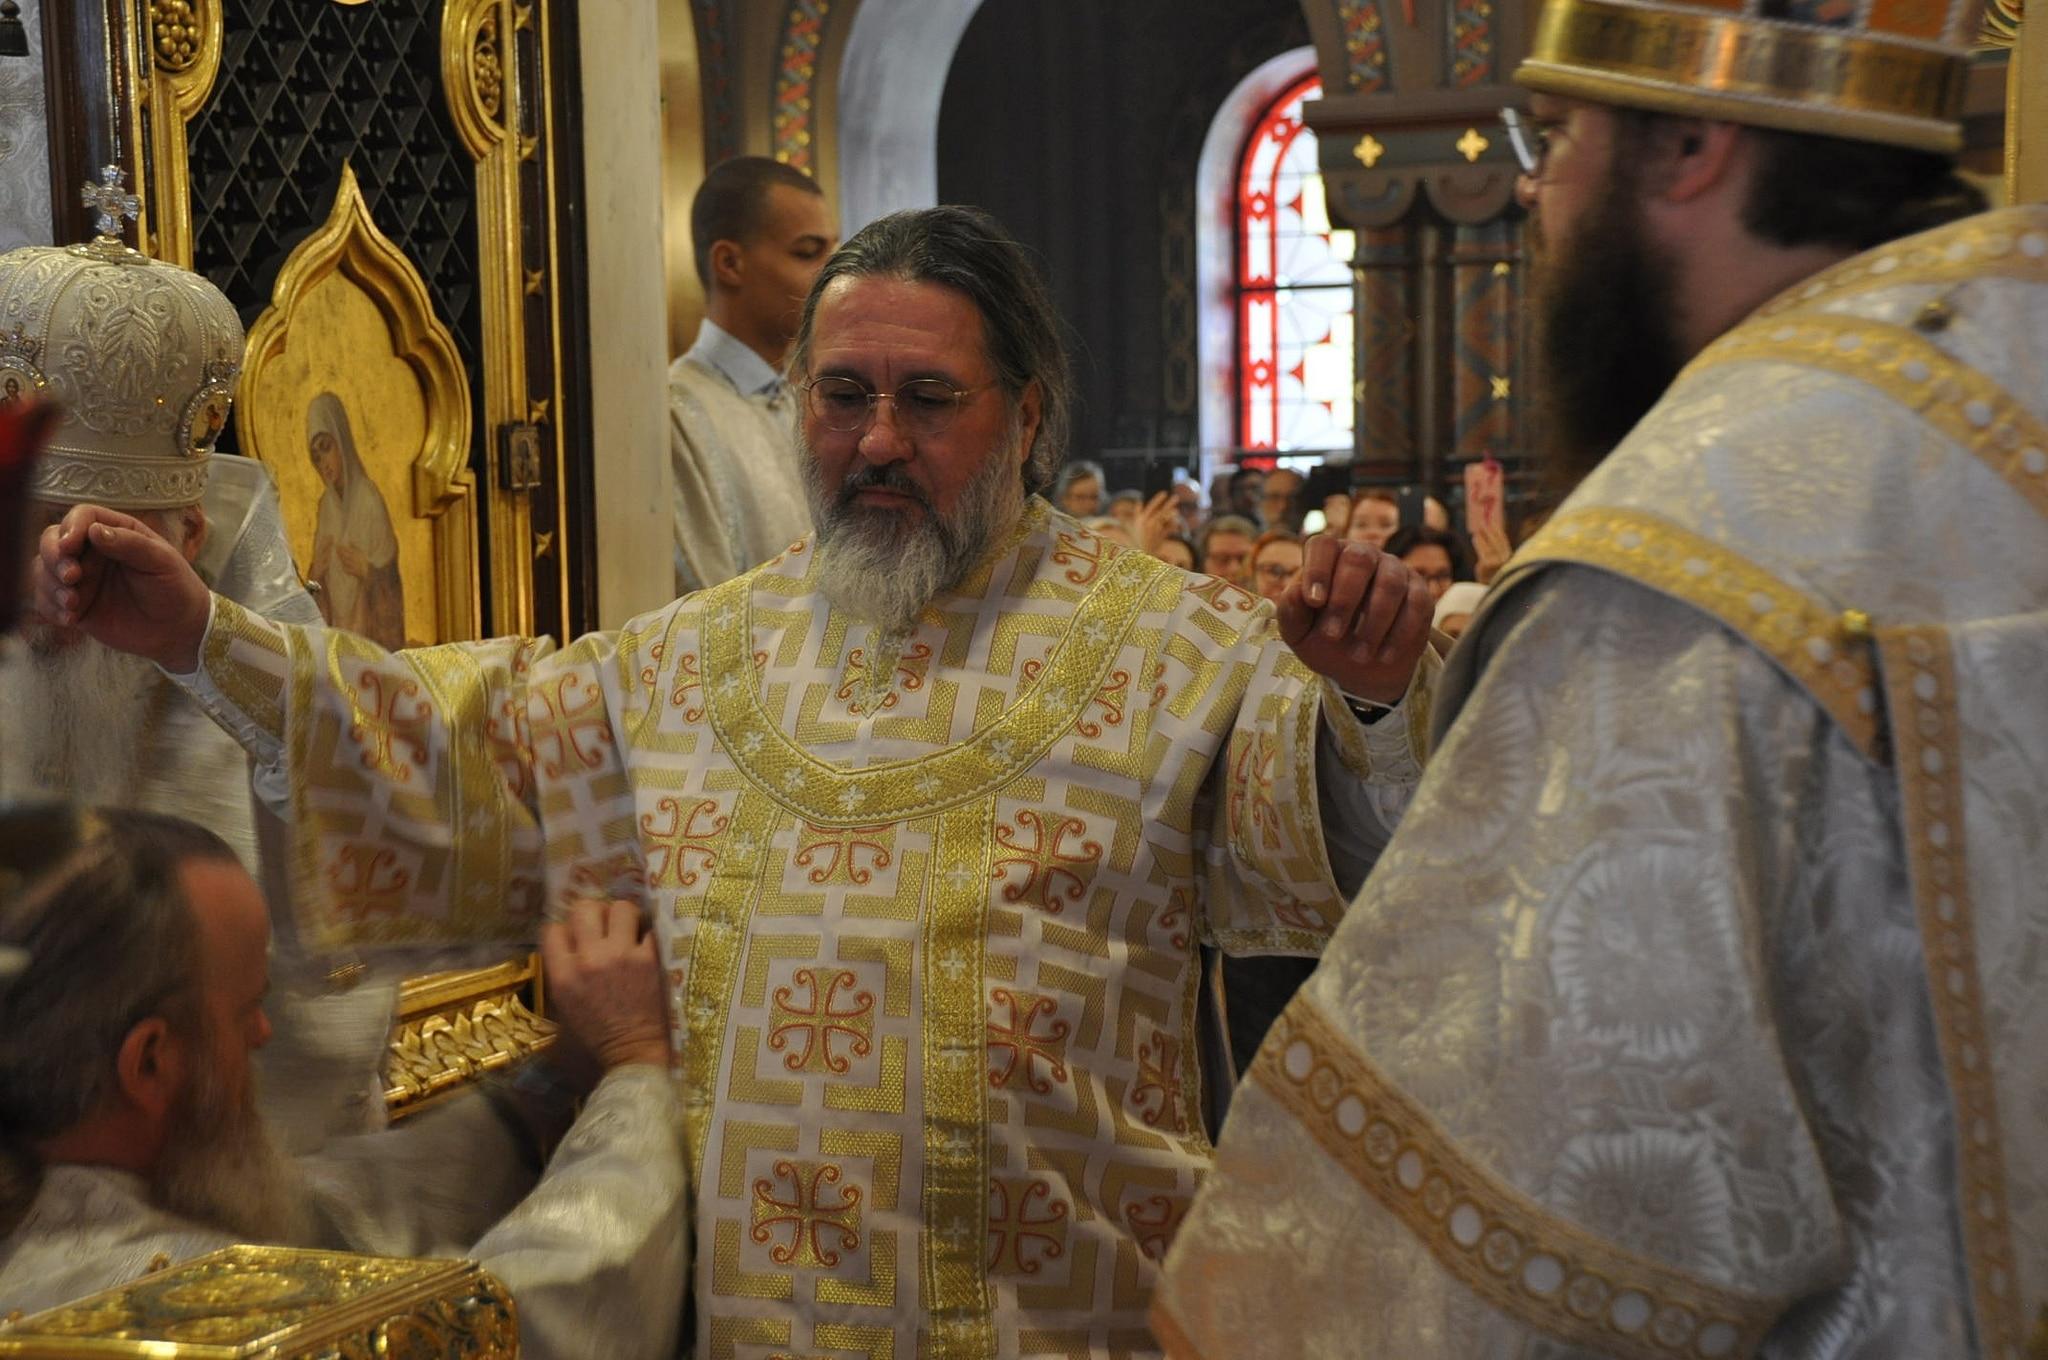 Le nouvel évêque Alexandre est revêtu de ses ornements épiscopaux (© 2019 Alex Romash).